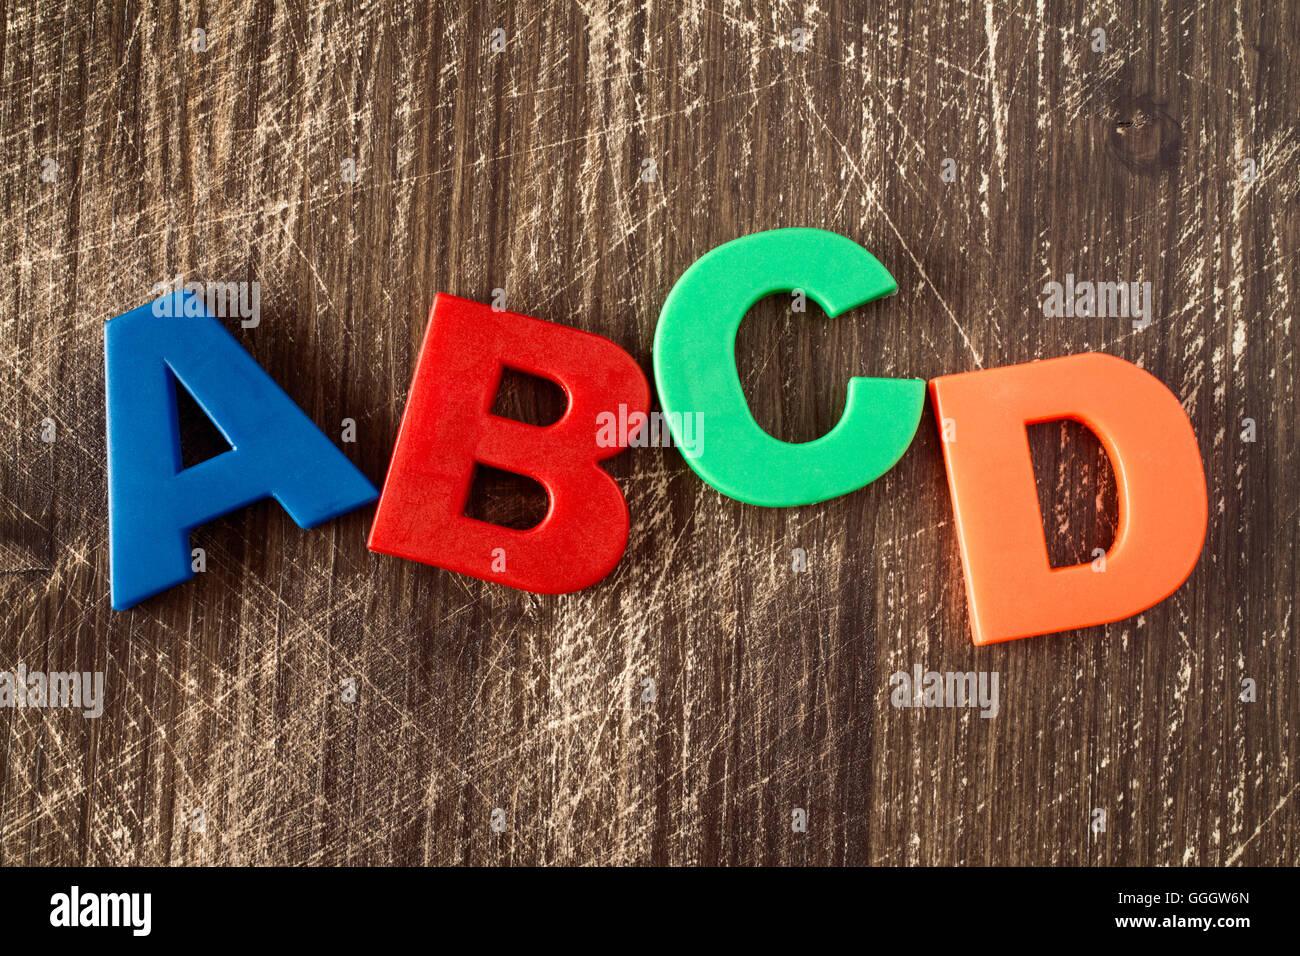 Wooden Block Alphabet Letters D